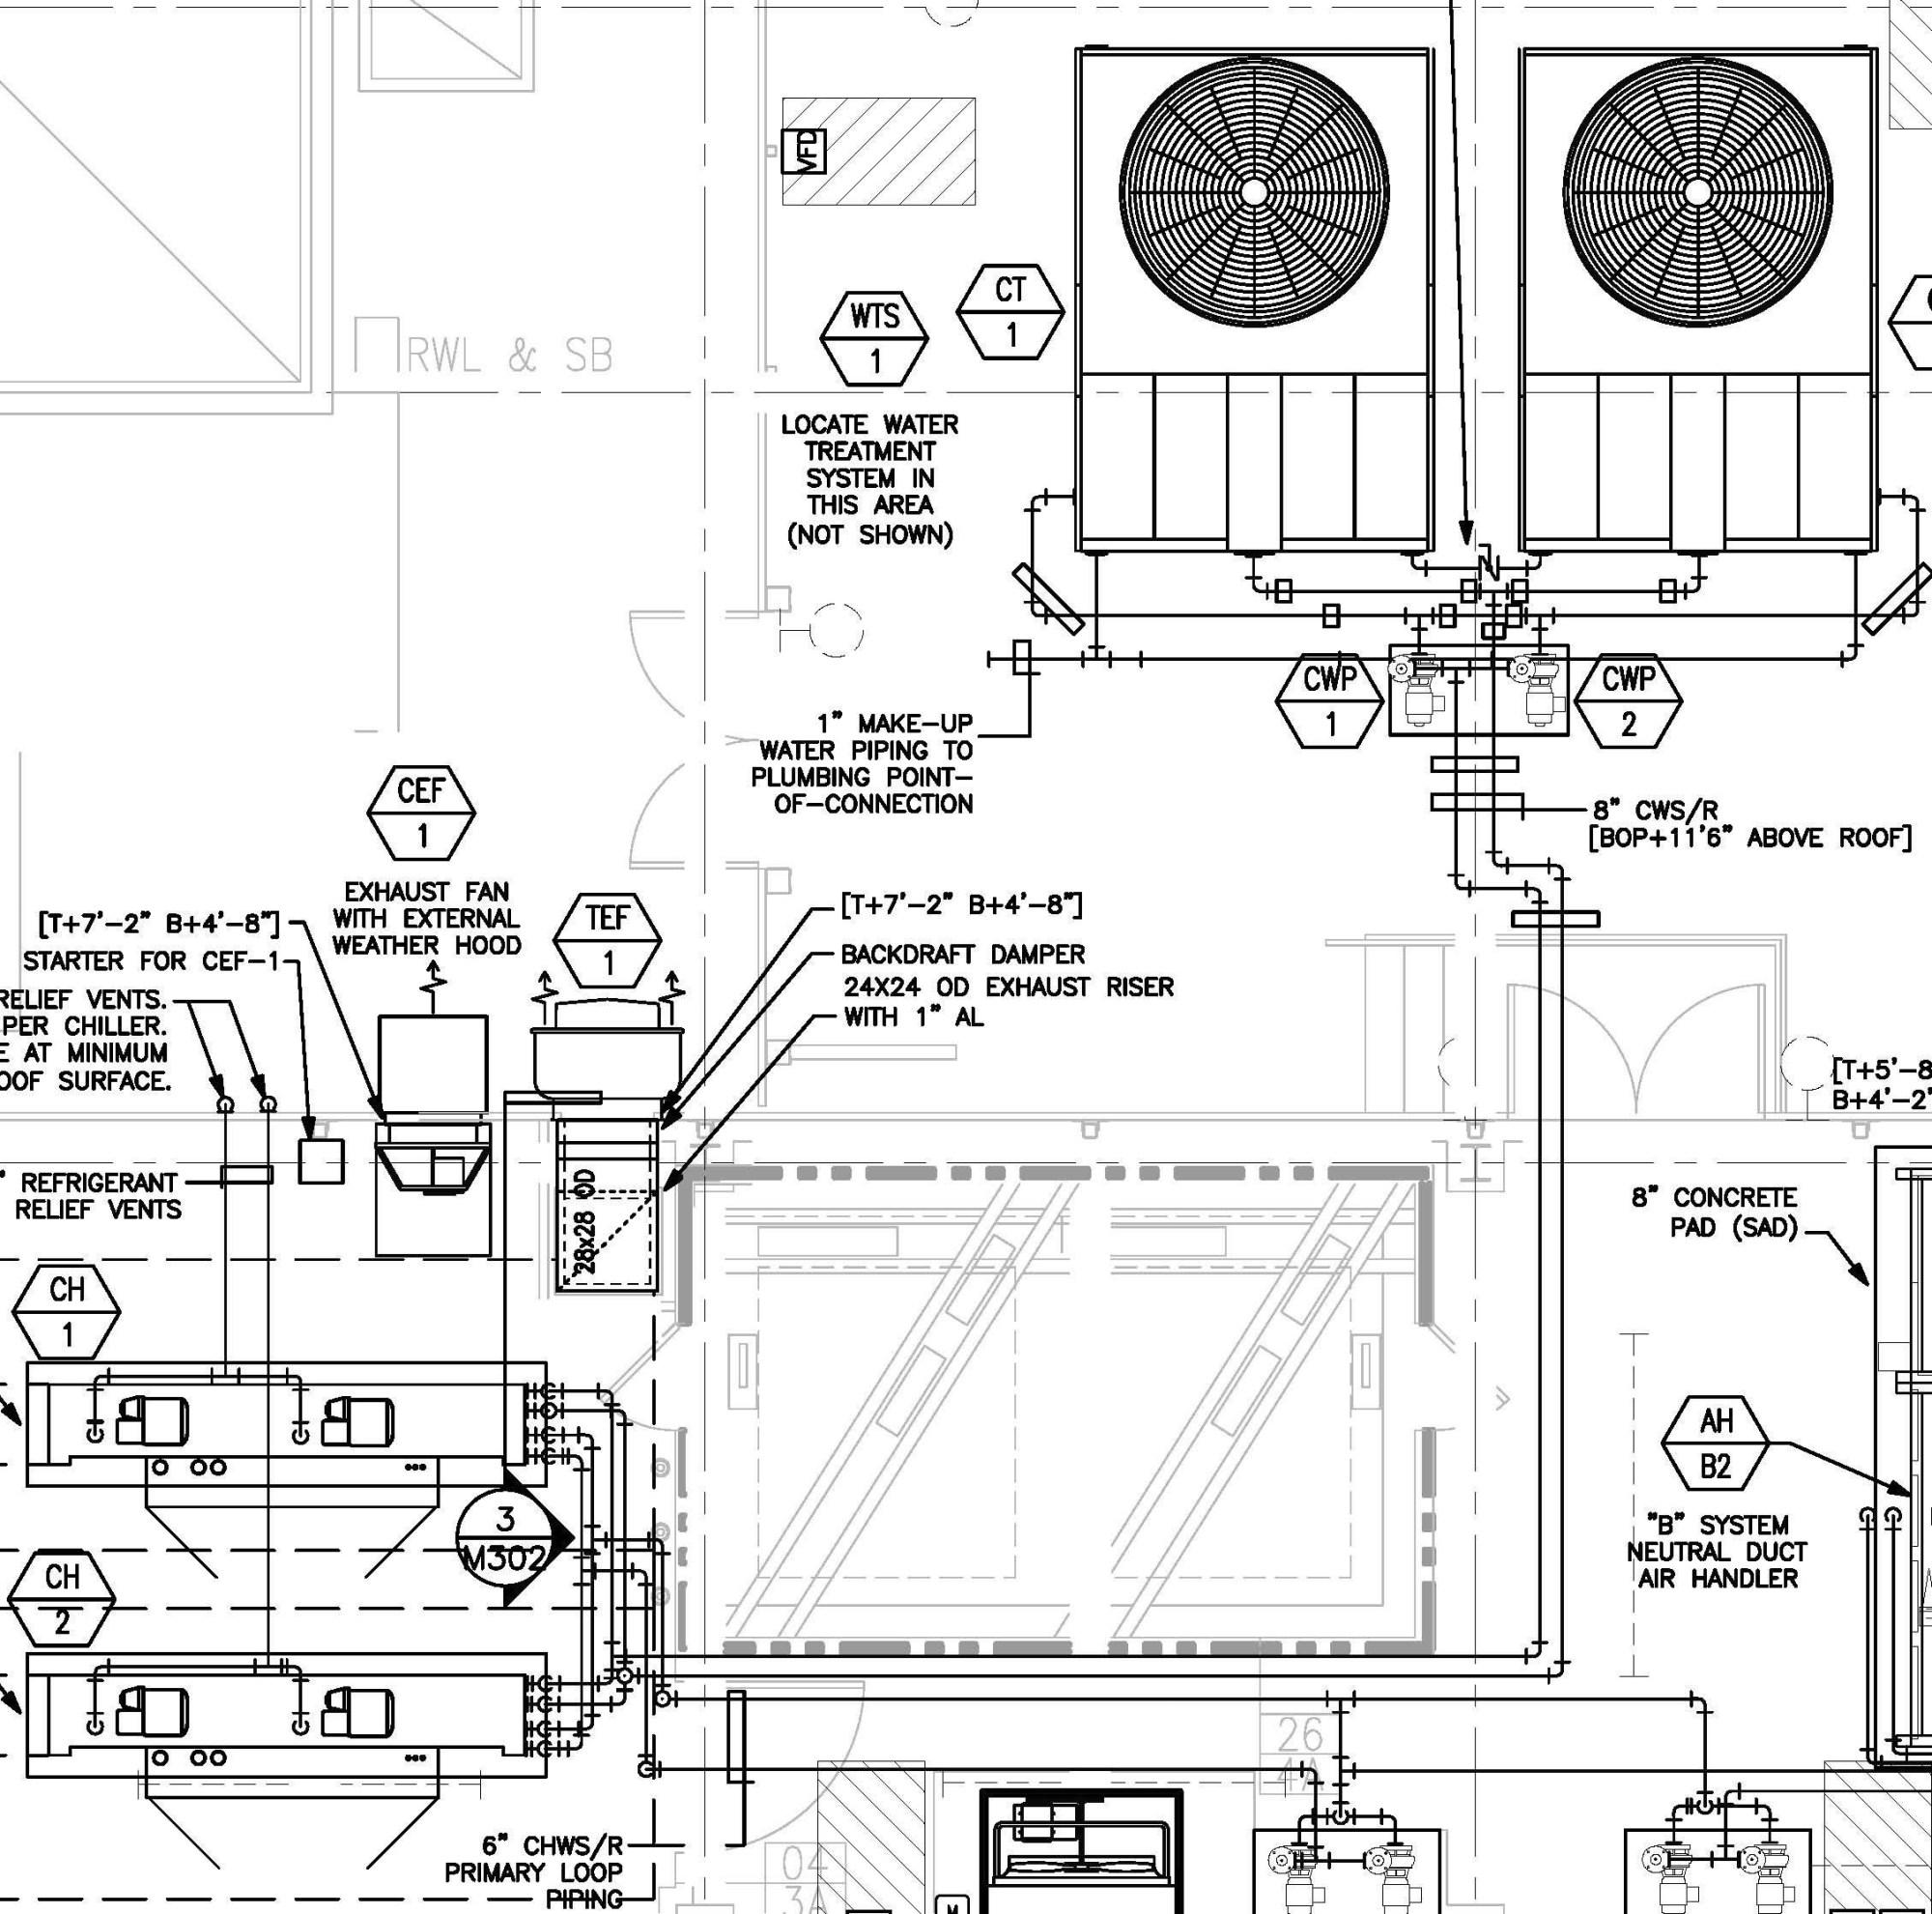 hight resolution of wiring diagram 48v golf cart save 1988 club car wiring diagram 2009 club car wiring diagram 1986